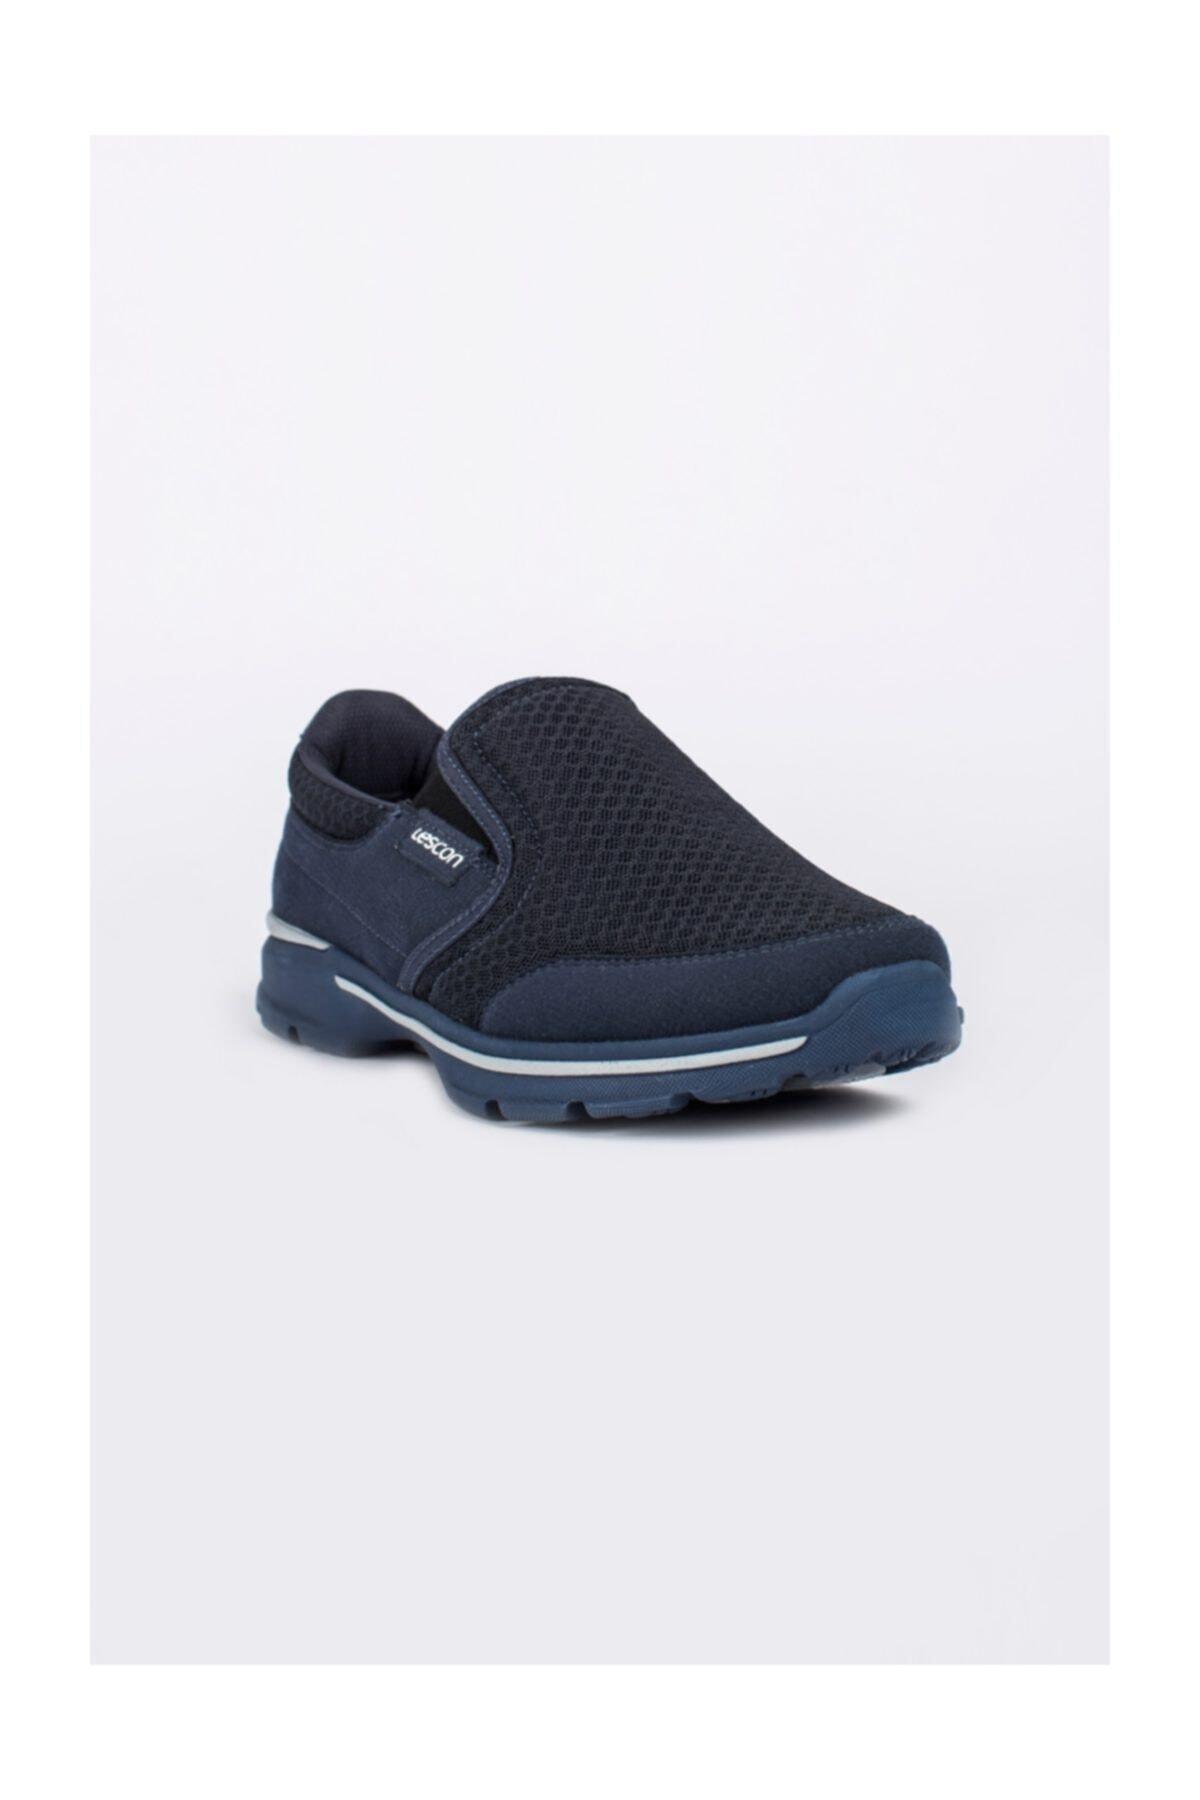 Lescon Kadın Outdoor Ayakkabı - L-5900 - 18yau005900g-010 1